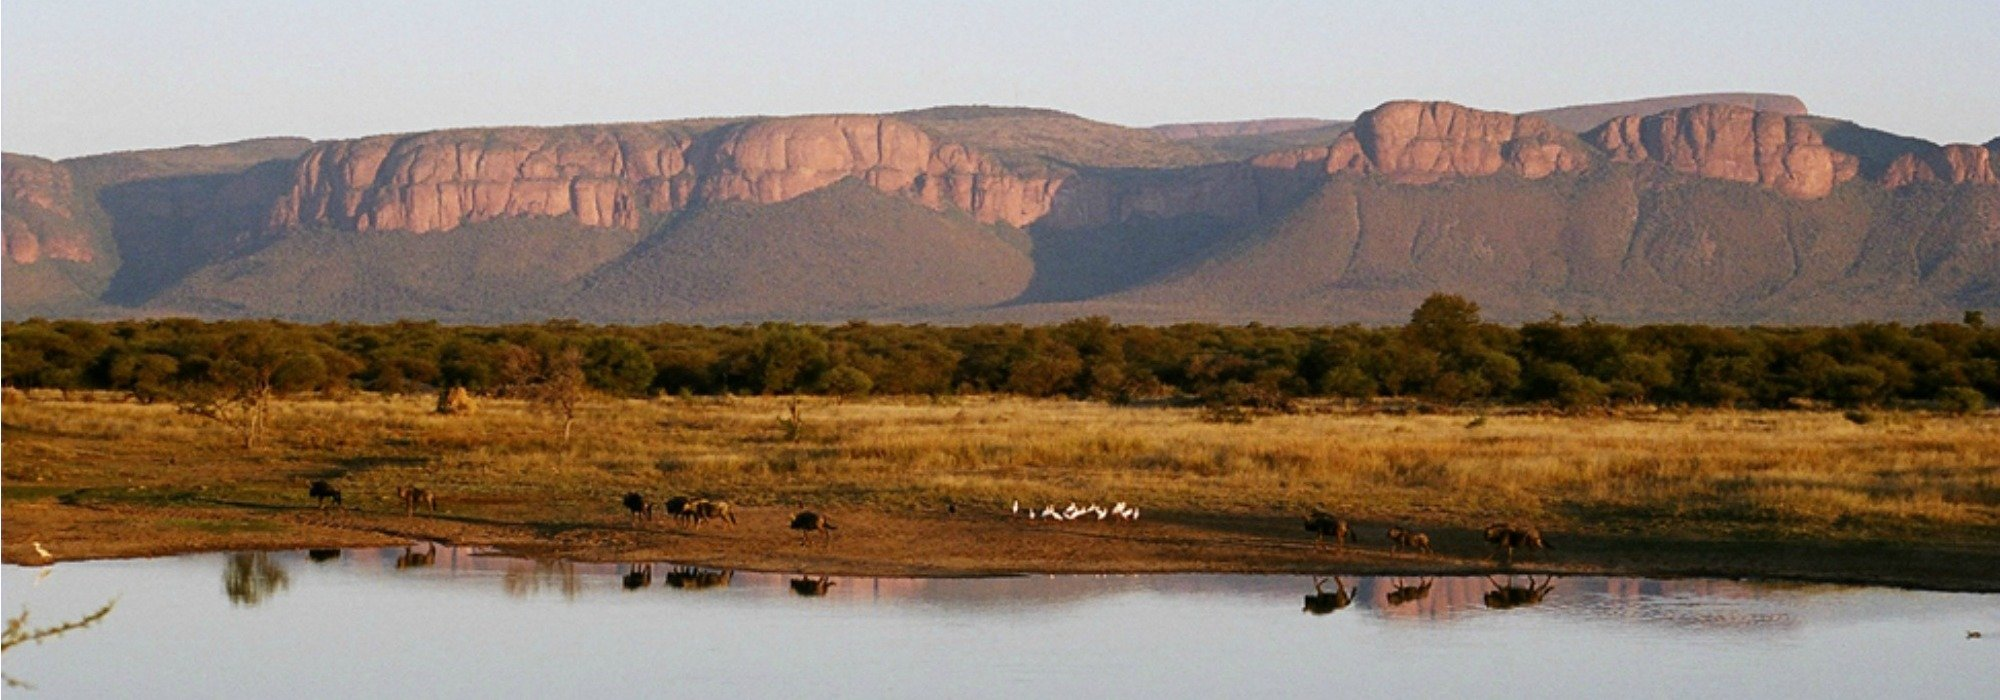 Marataba safari lodge scenery